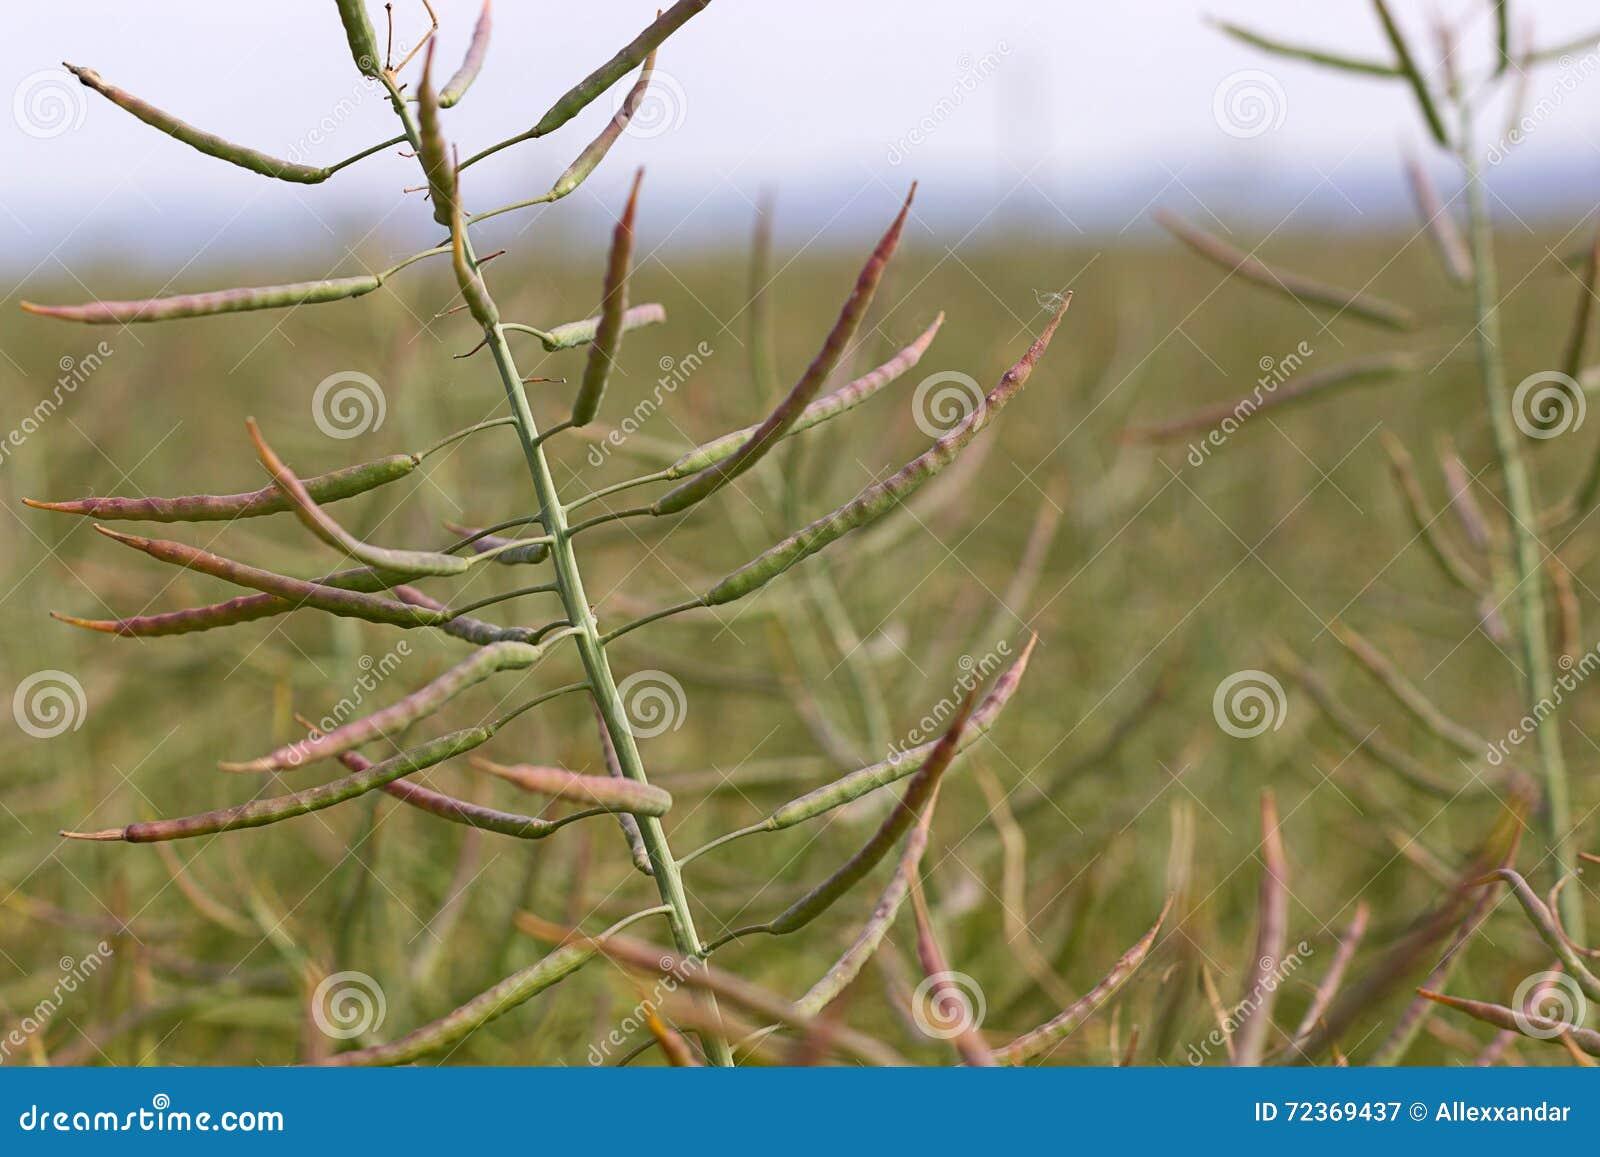 油菜籽种子荚,开花的油菜花紧密